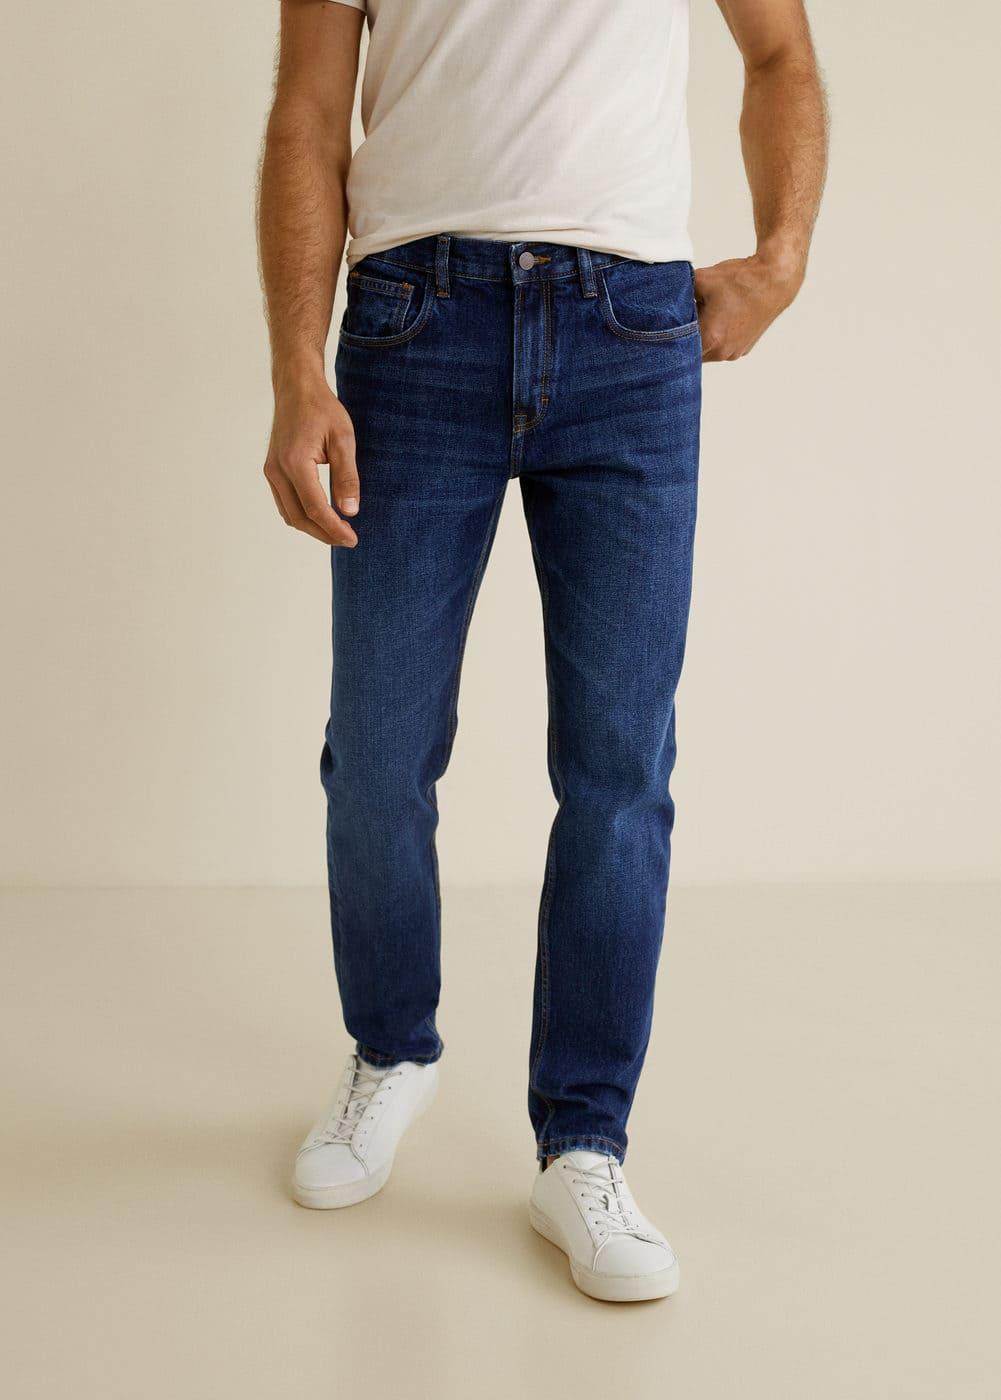 h-bob5:jeans bob regular fit lavado oscuro